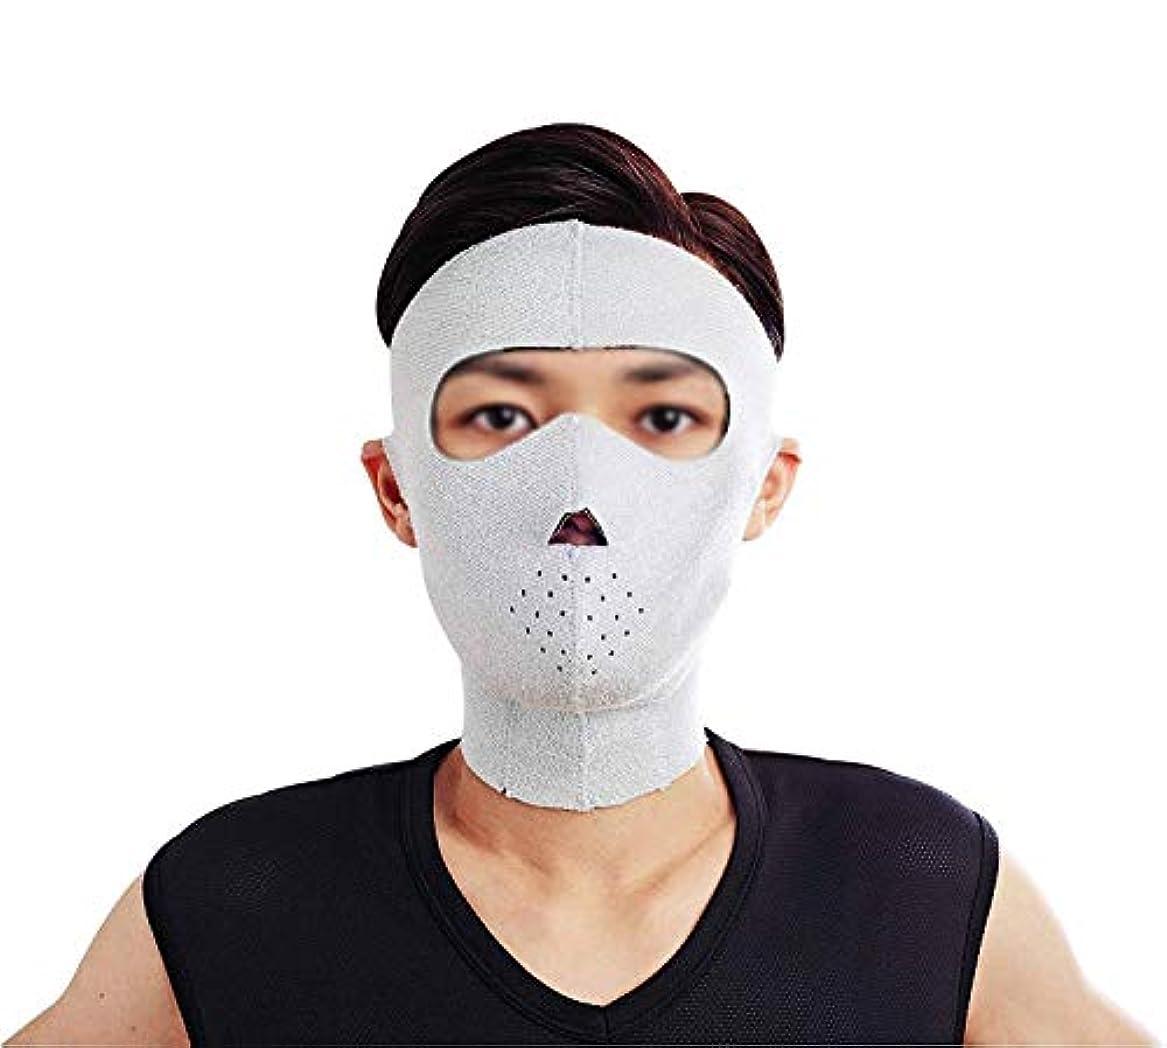 桃病気の浮くフェイスリフトマスク、フェイシャルマスクプラス薄いフェイスマスクタイトなたるみの薄いフェイスマスクフェイシャル薄いフェイスマスクアーティファクトビューティー男性ネックストラップ付き